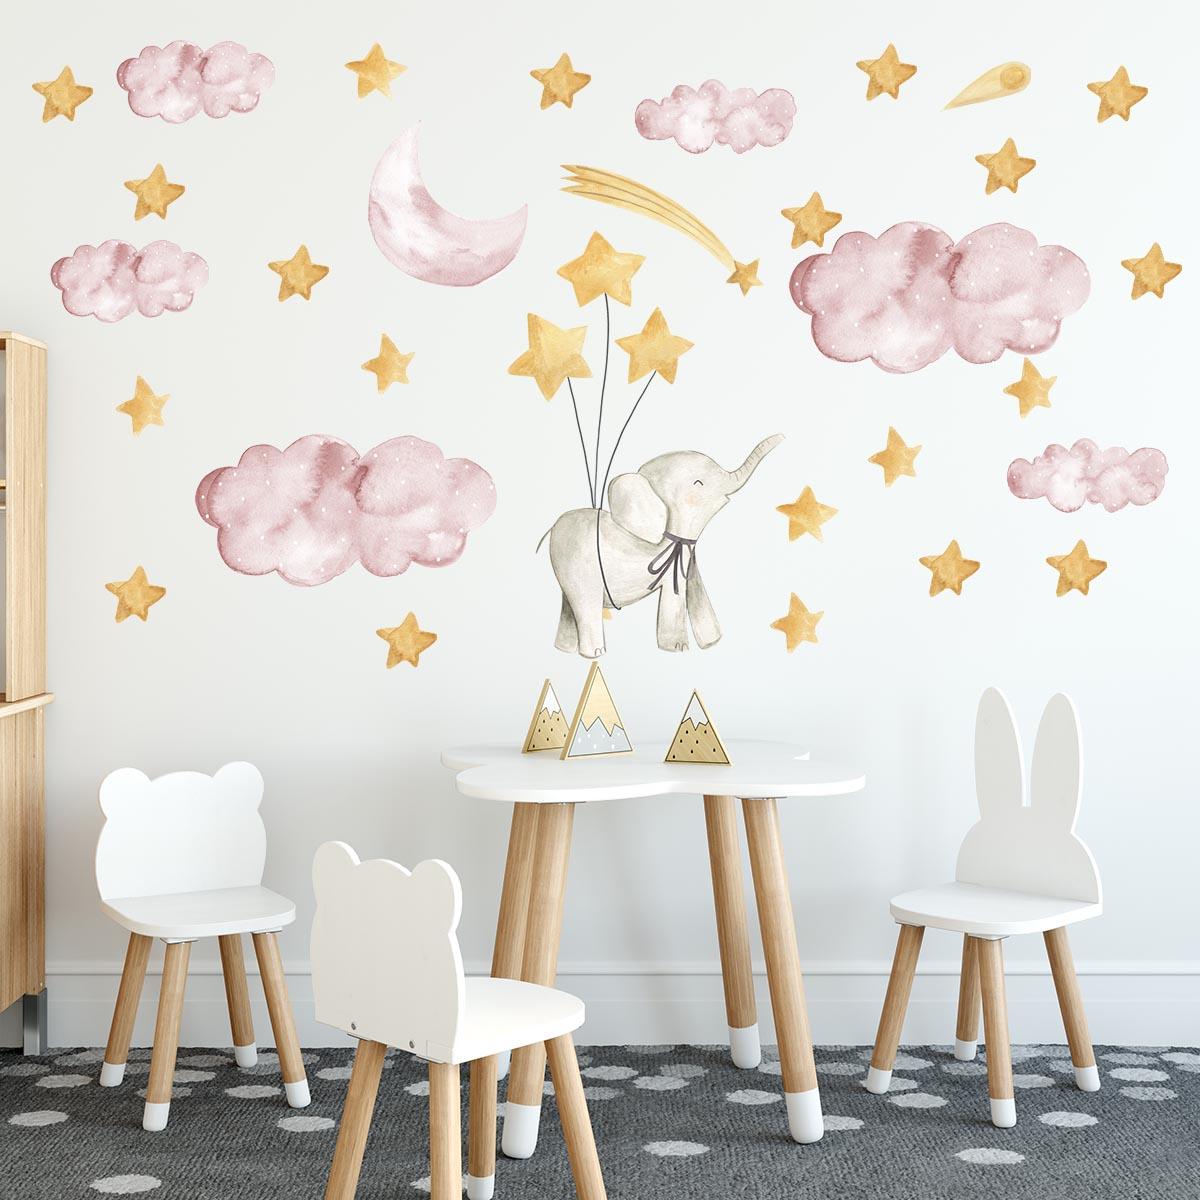 Çocuk ve Bebek Odası Duvar Stickerları